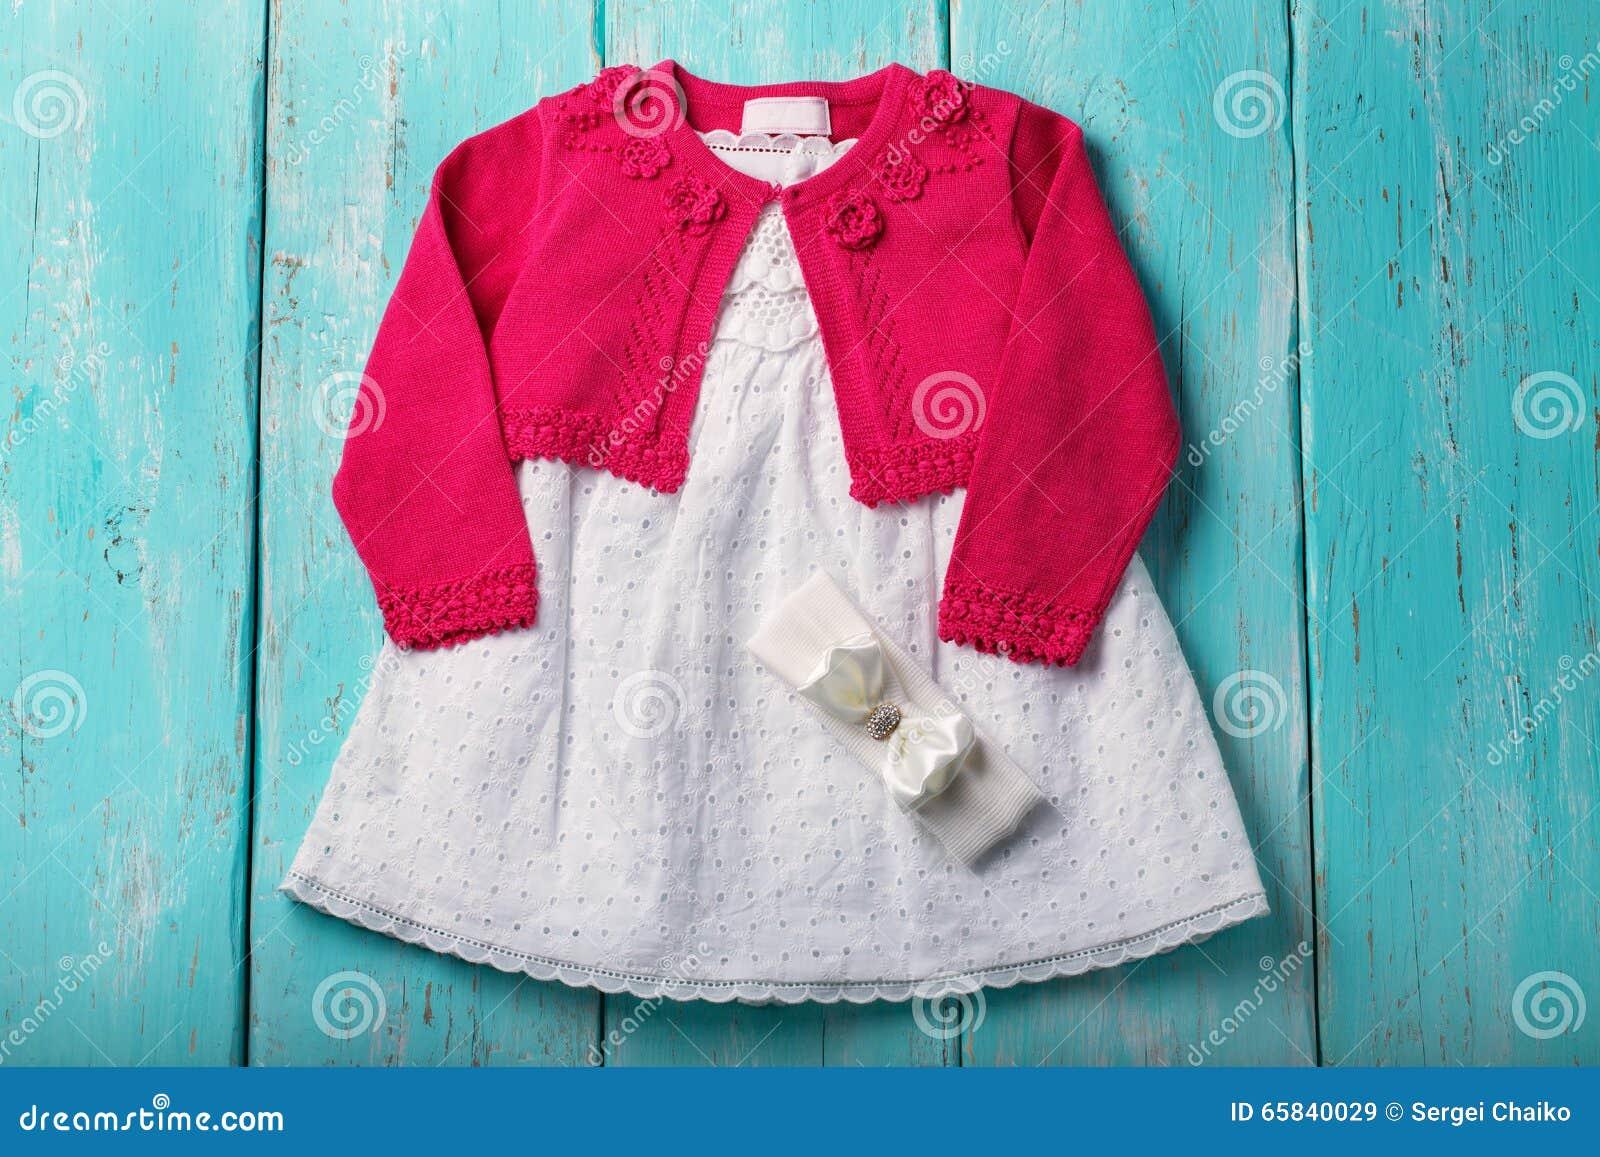 f148afea57 Suknia I Bolerko Dla Dzieci Obraz Stock - Obraz złożonej z ...